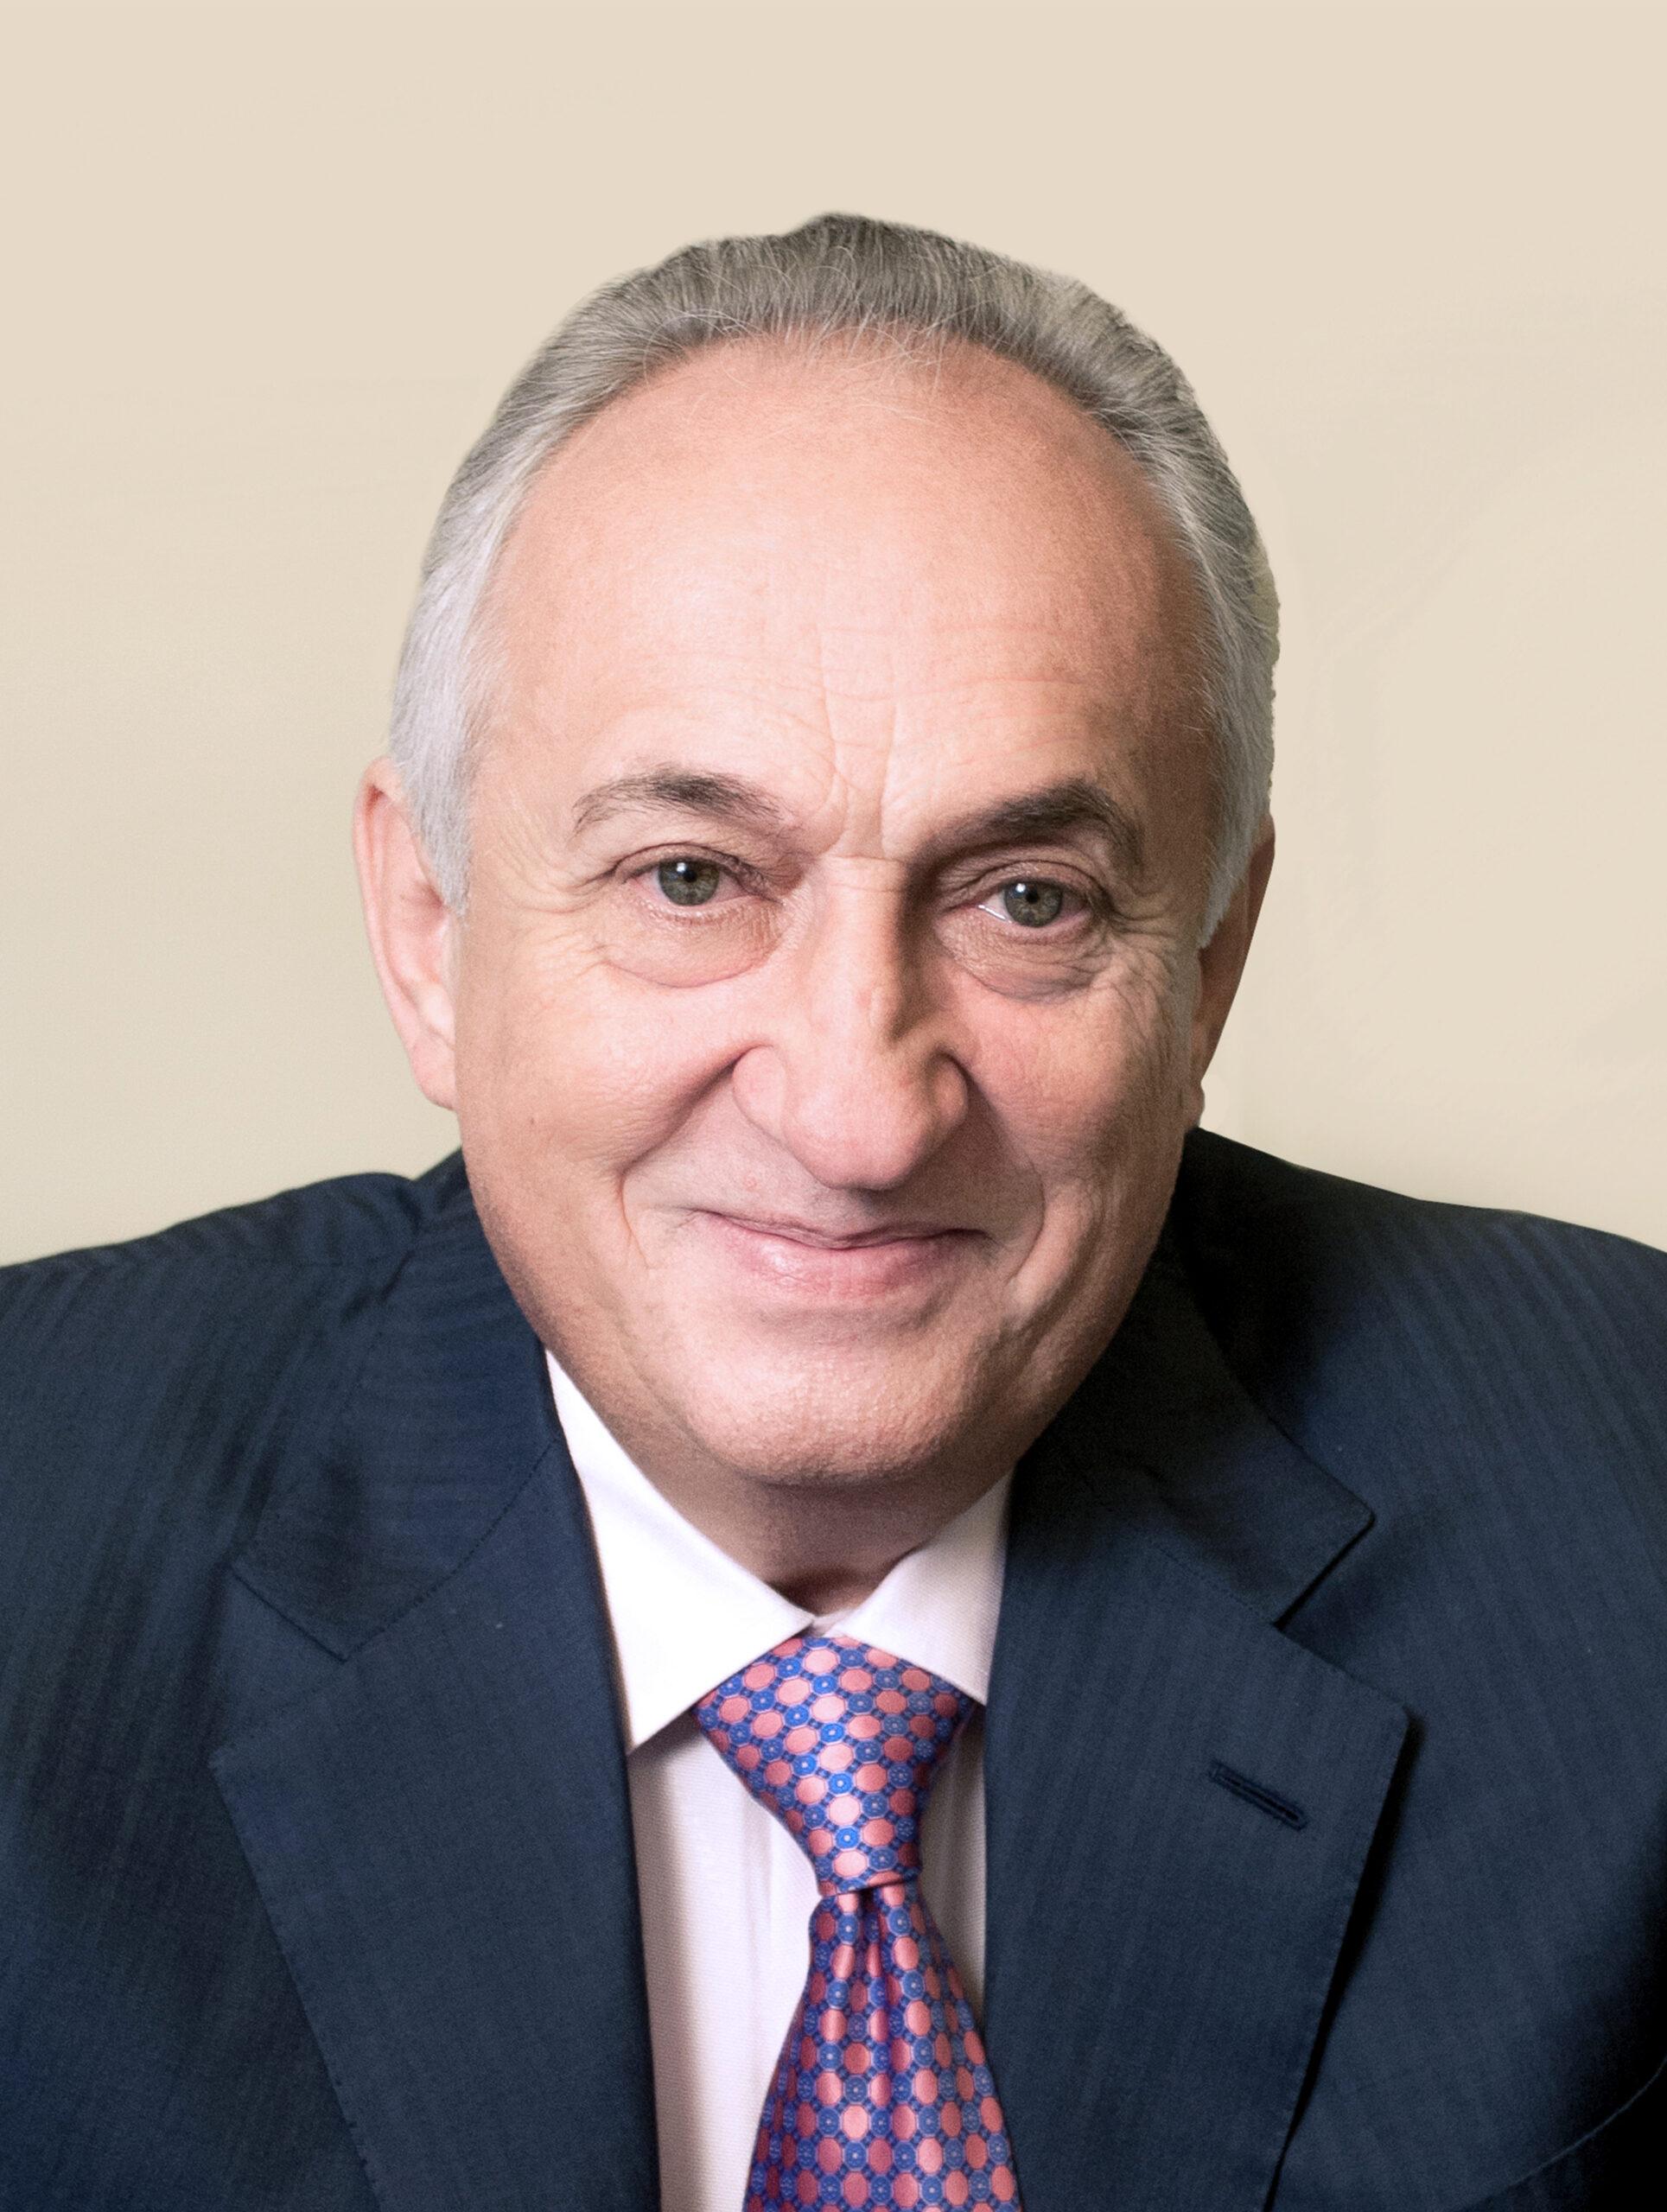 Mr. Vasily ANISIMOV